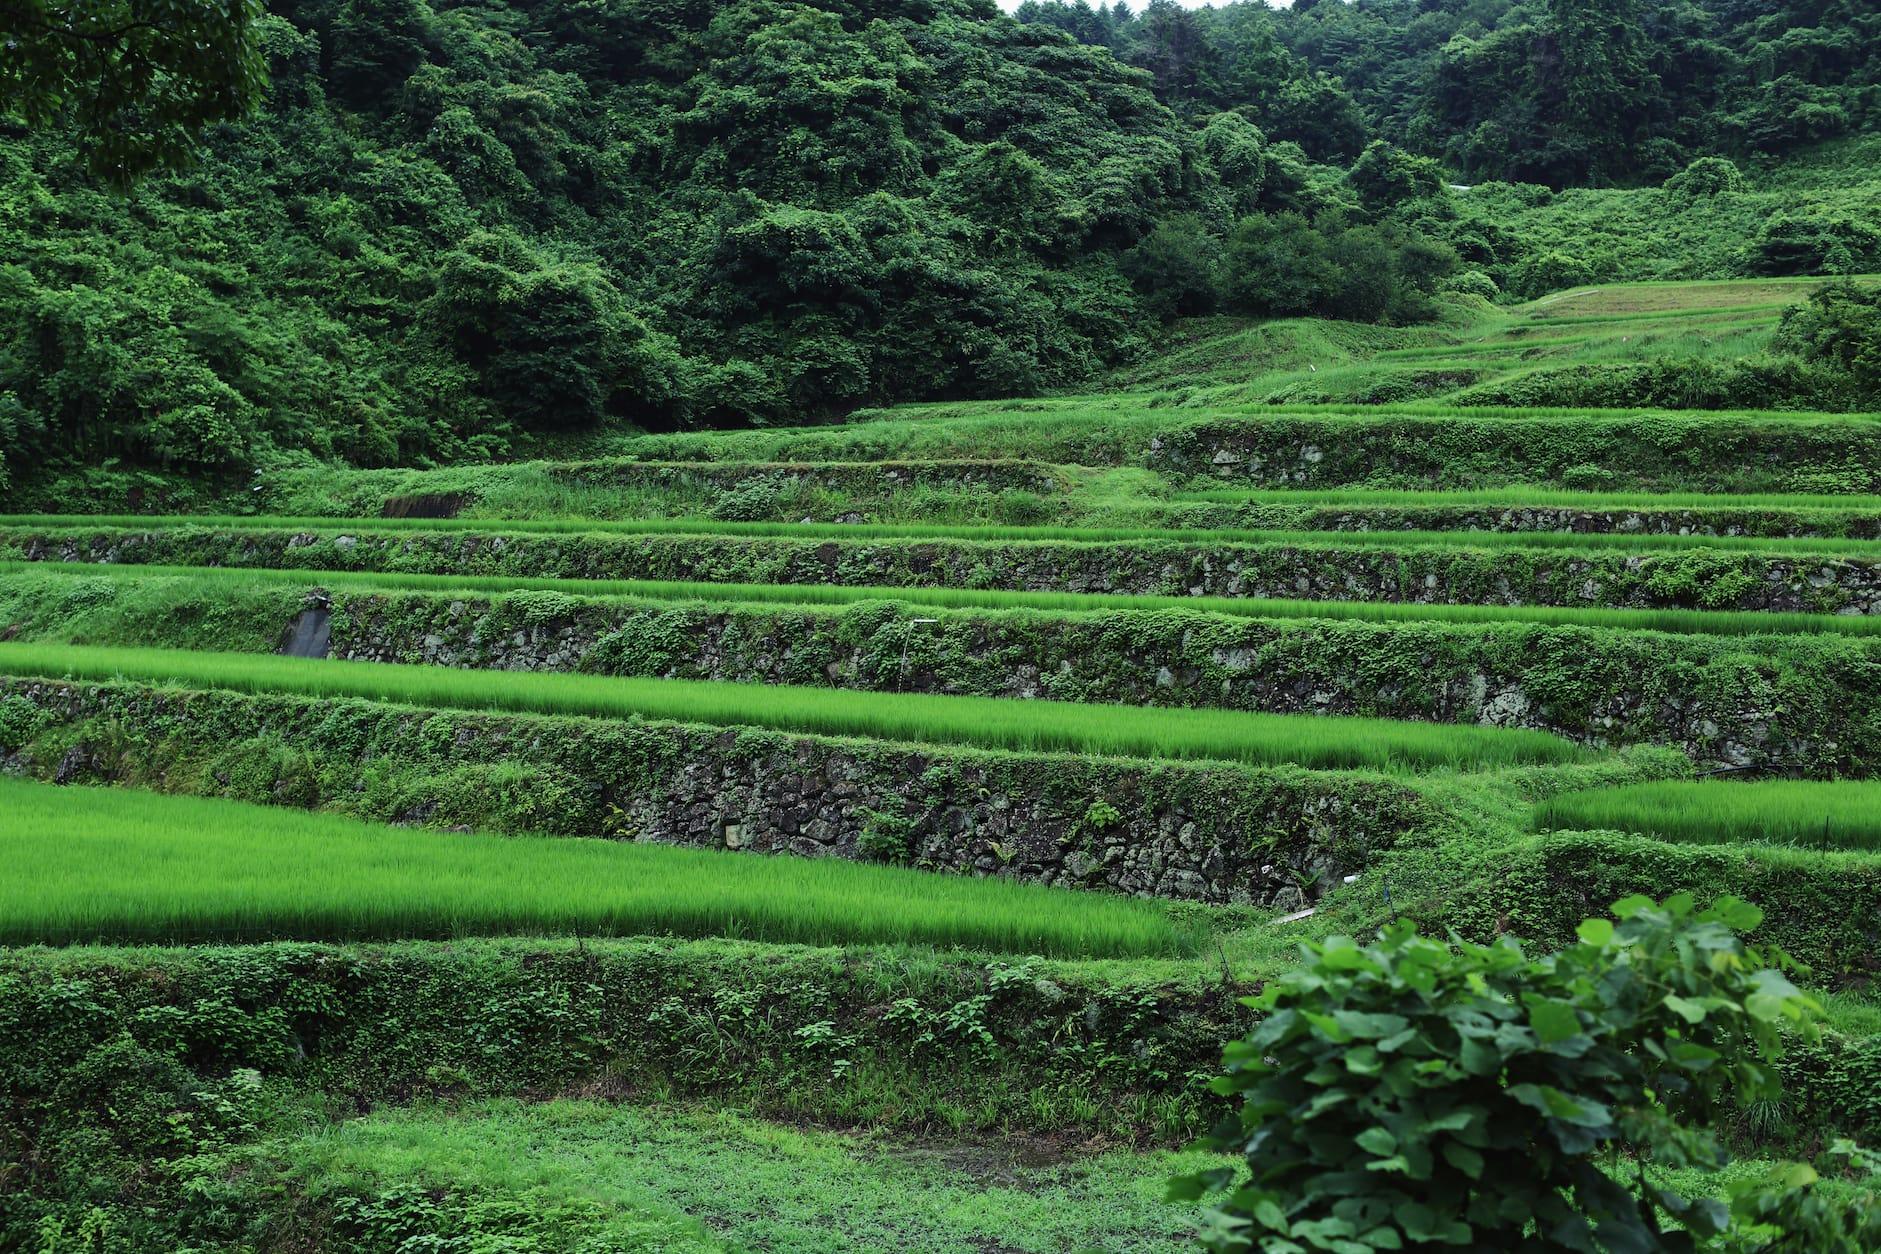 石垣が今も残る大張沢尻棚田は、日本棚田百選にも選ばれた。